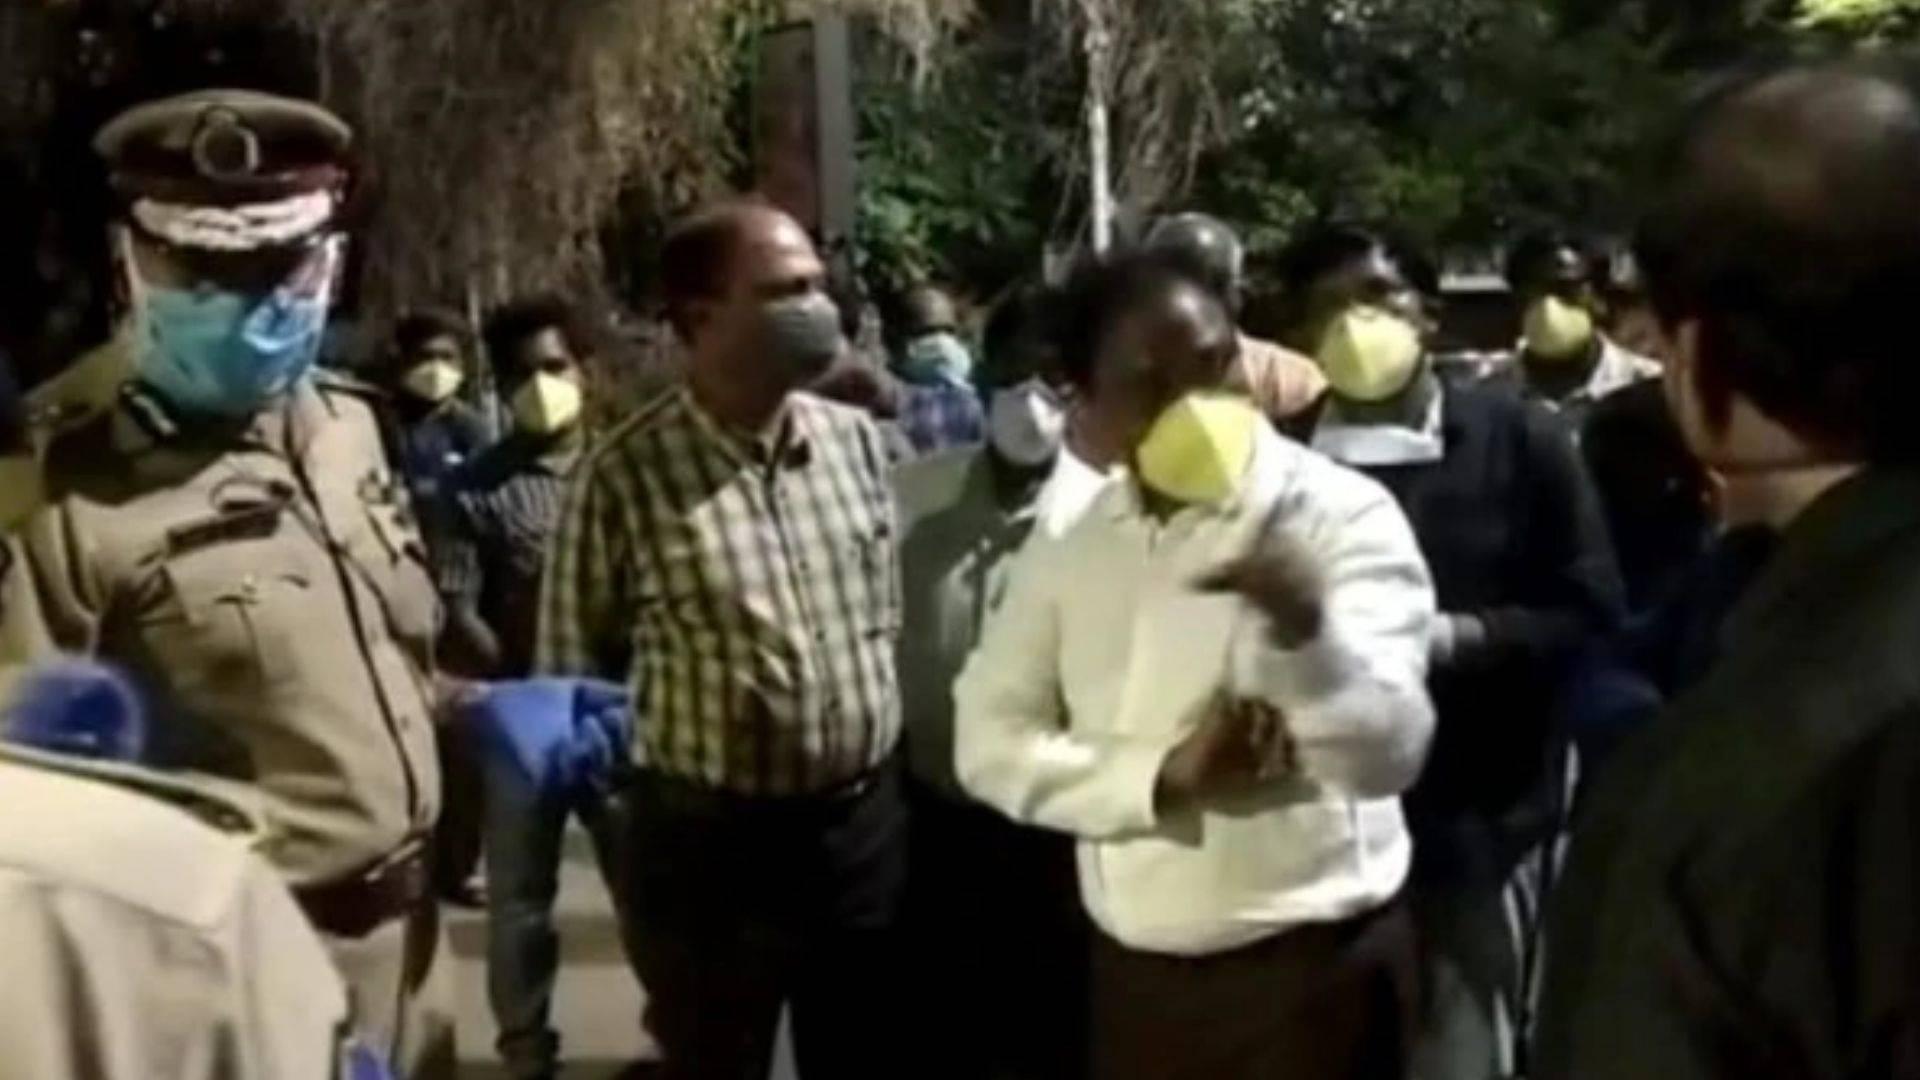 Top 50 News: Coronavirus patient attacks doctor in Hyderabad